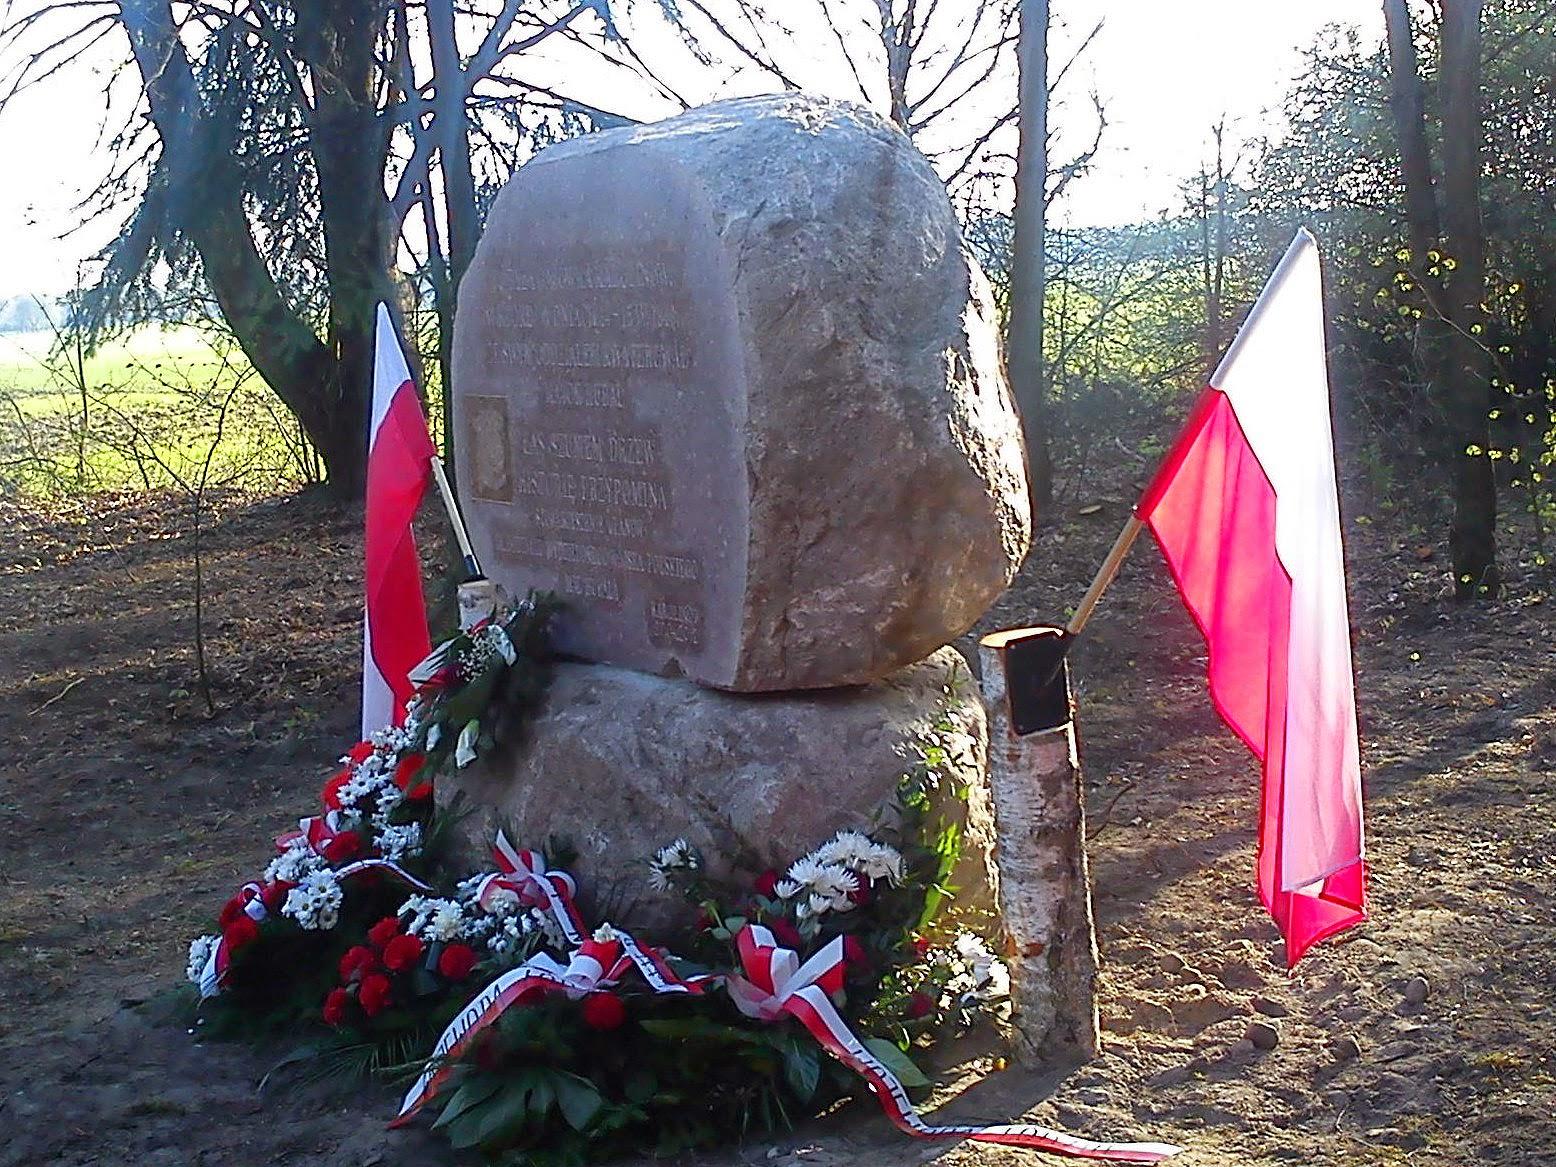 Nie jest to pierwszy pomnik jakim Stowarzyszenie Ułanów im. OWWP majora Hubala upamiętniło historię regionu: w 2012 roku w Karolinowie, w miejscu gdzie znajdowała się gajówka gajowego Michała Różańskiego.